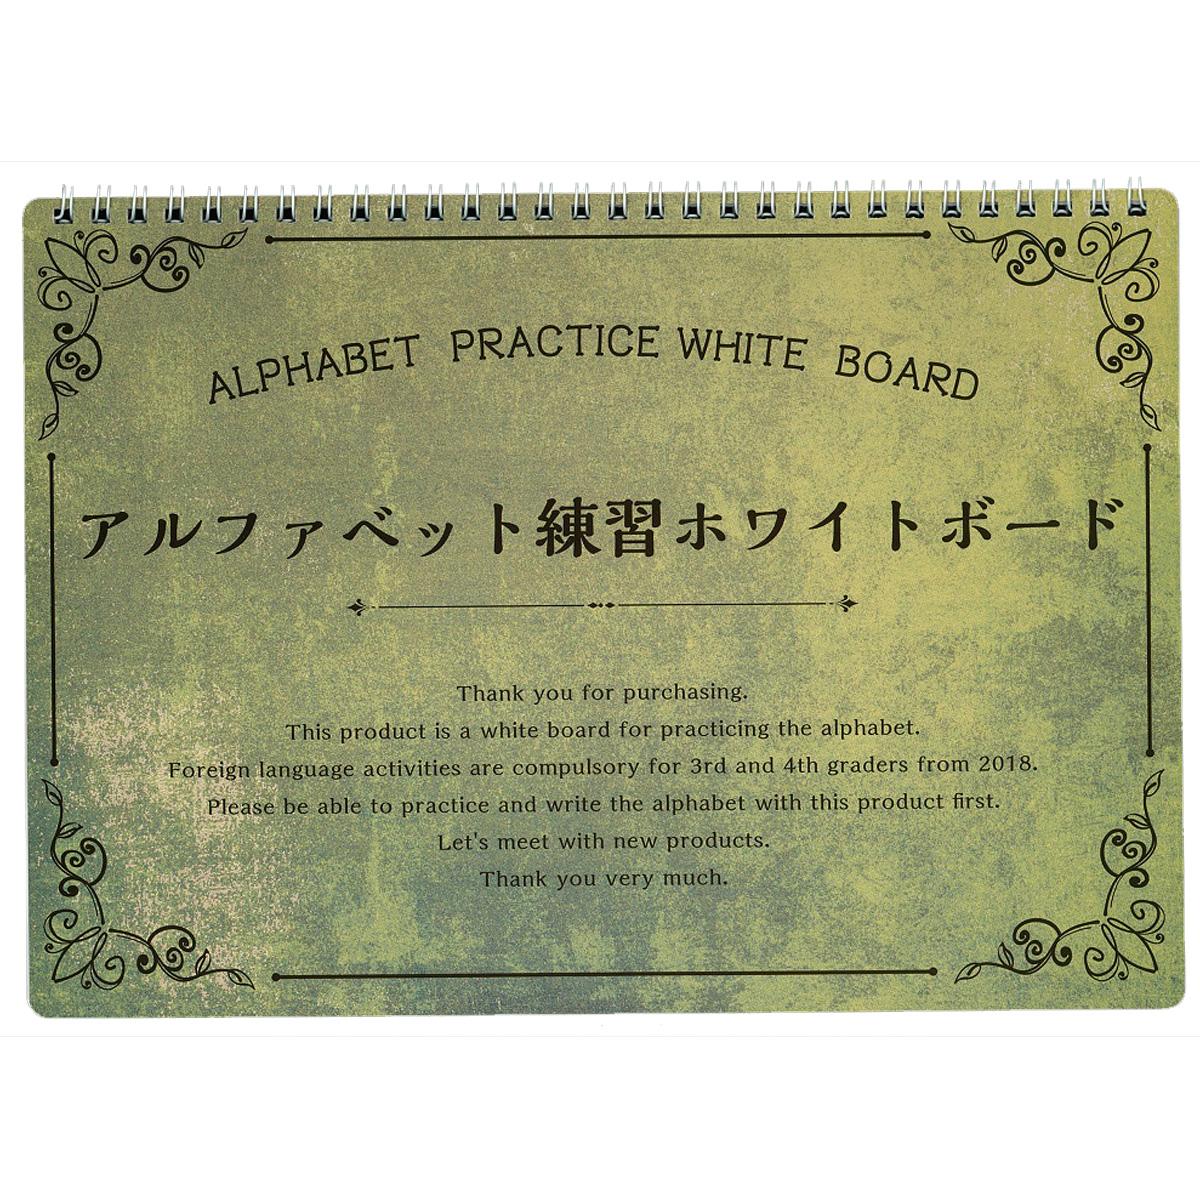 アルファベット 練習 学習 勉強 ホワイトボード ローマ字 大文字 小文字 英語 幼児教育 知育玩具 小学生 おすすめ